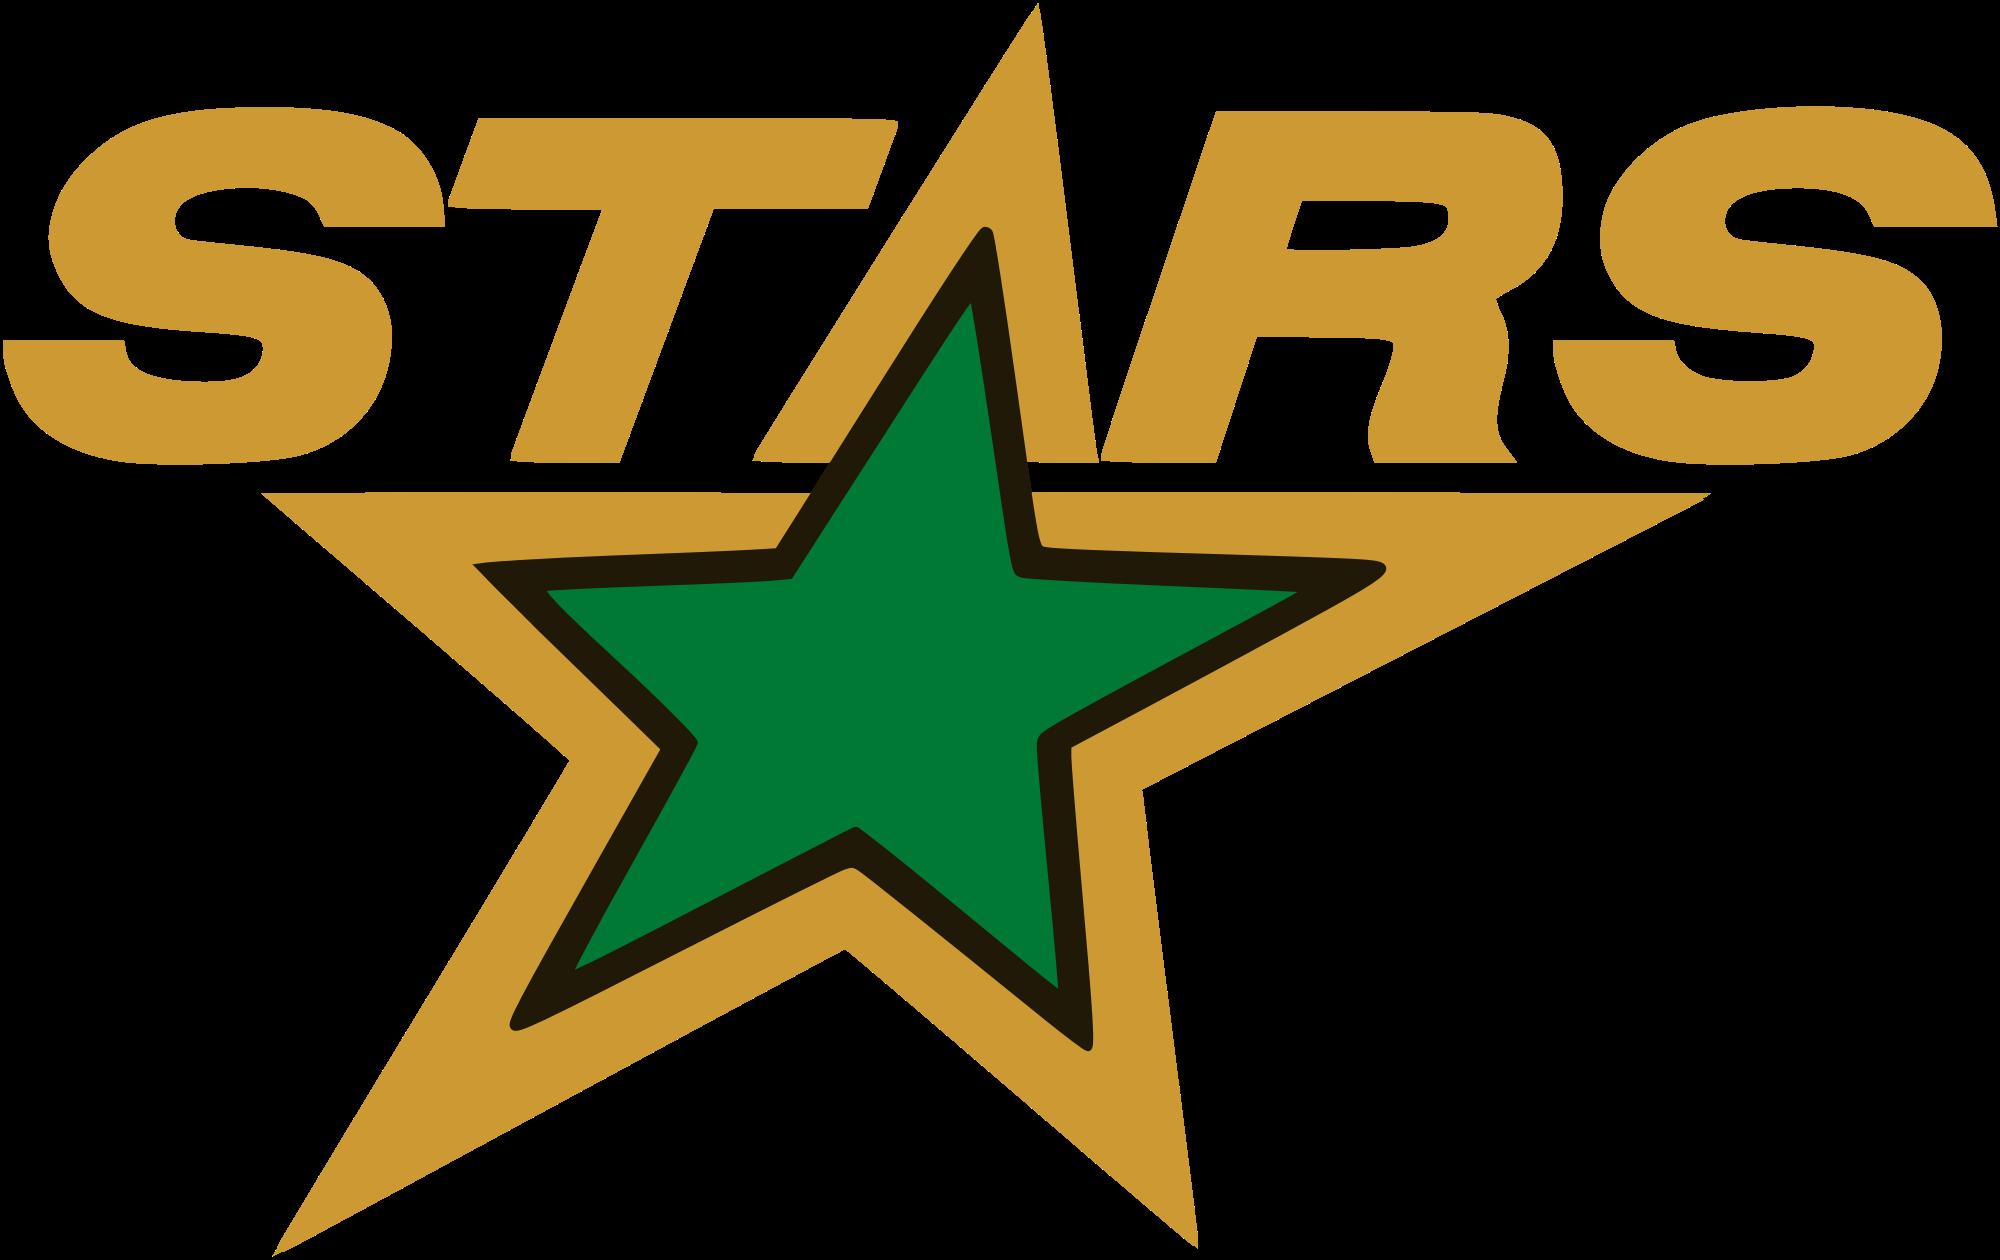 Dallas cowboys clipart pdf. File minnesota north stars